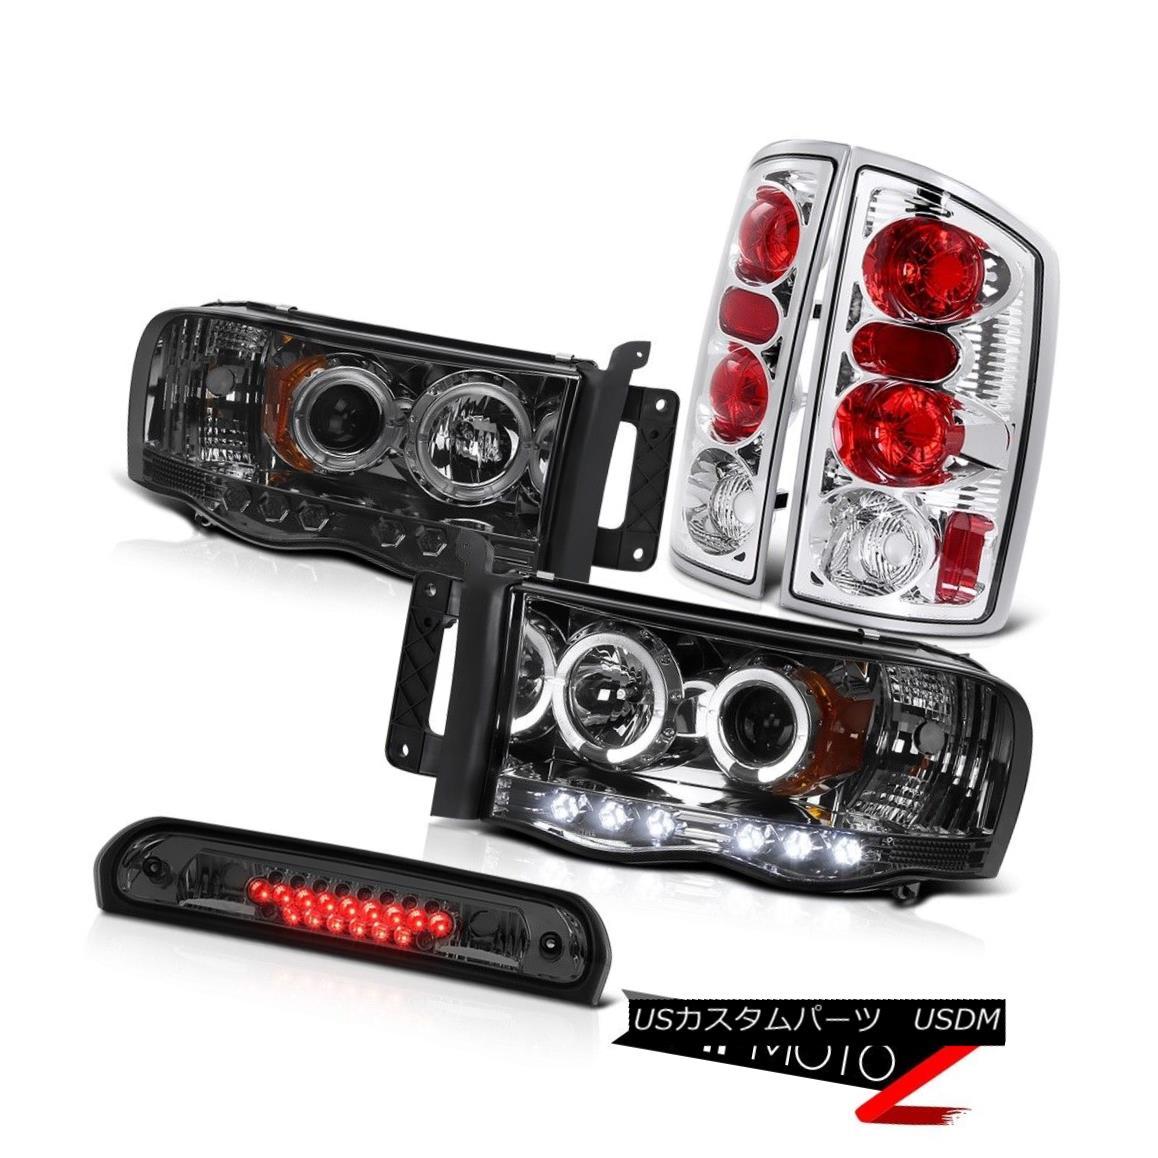 テールライト Smoke Halo Projector Headlights Rear Tail Lights Roof Brake LED 2002-2005 Ram V6 スモークハロープロジェクターヘッドライトリアテールライトルーフブレーキLED 2002-2005 Ram V6